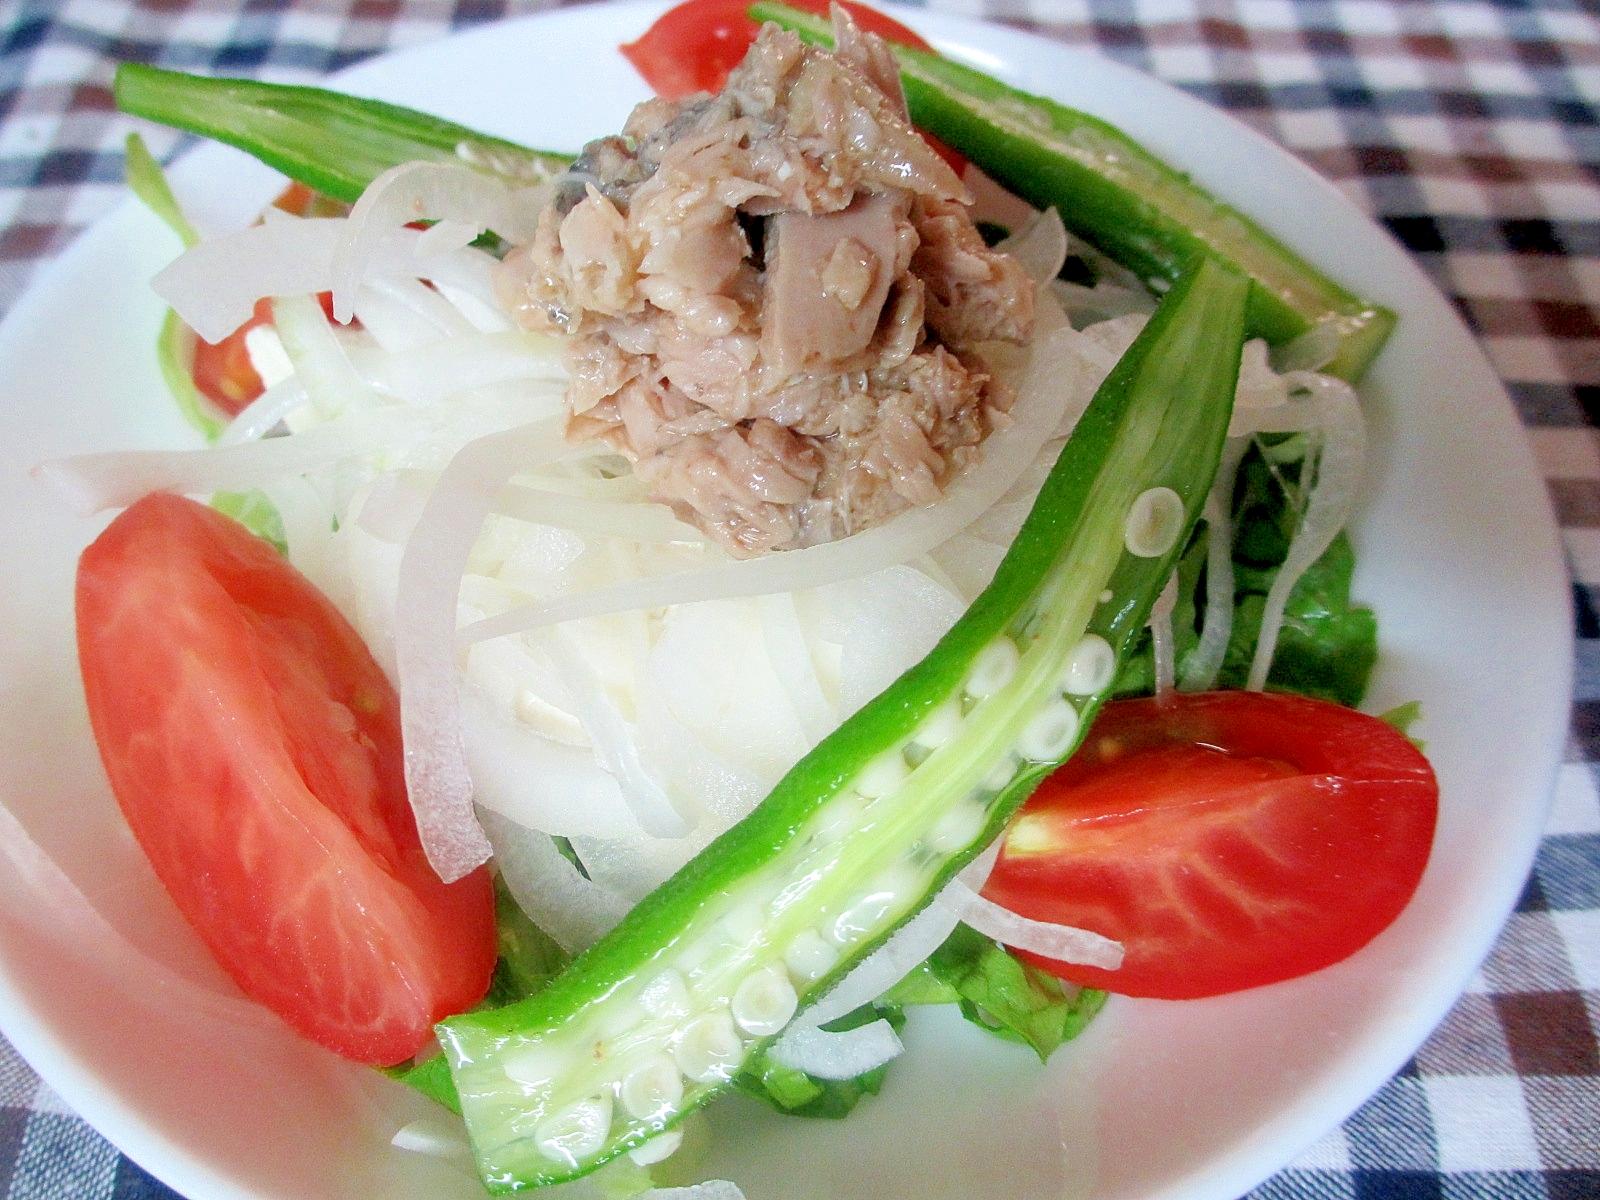 ツナと豆腐とオニオンスライスサラダ